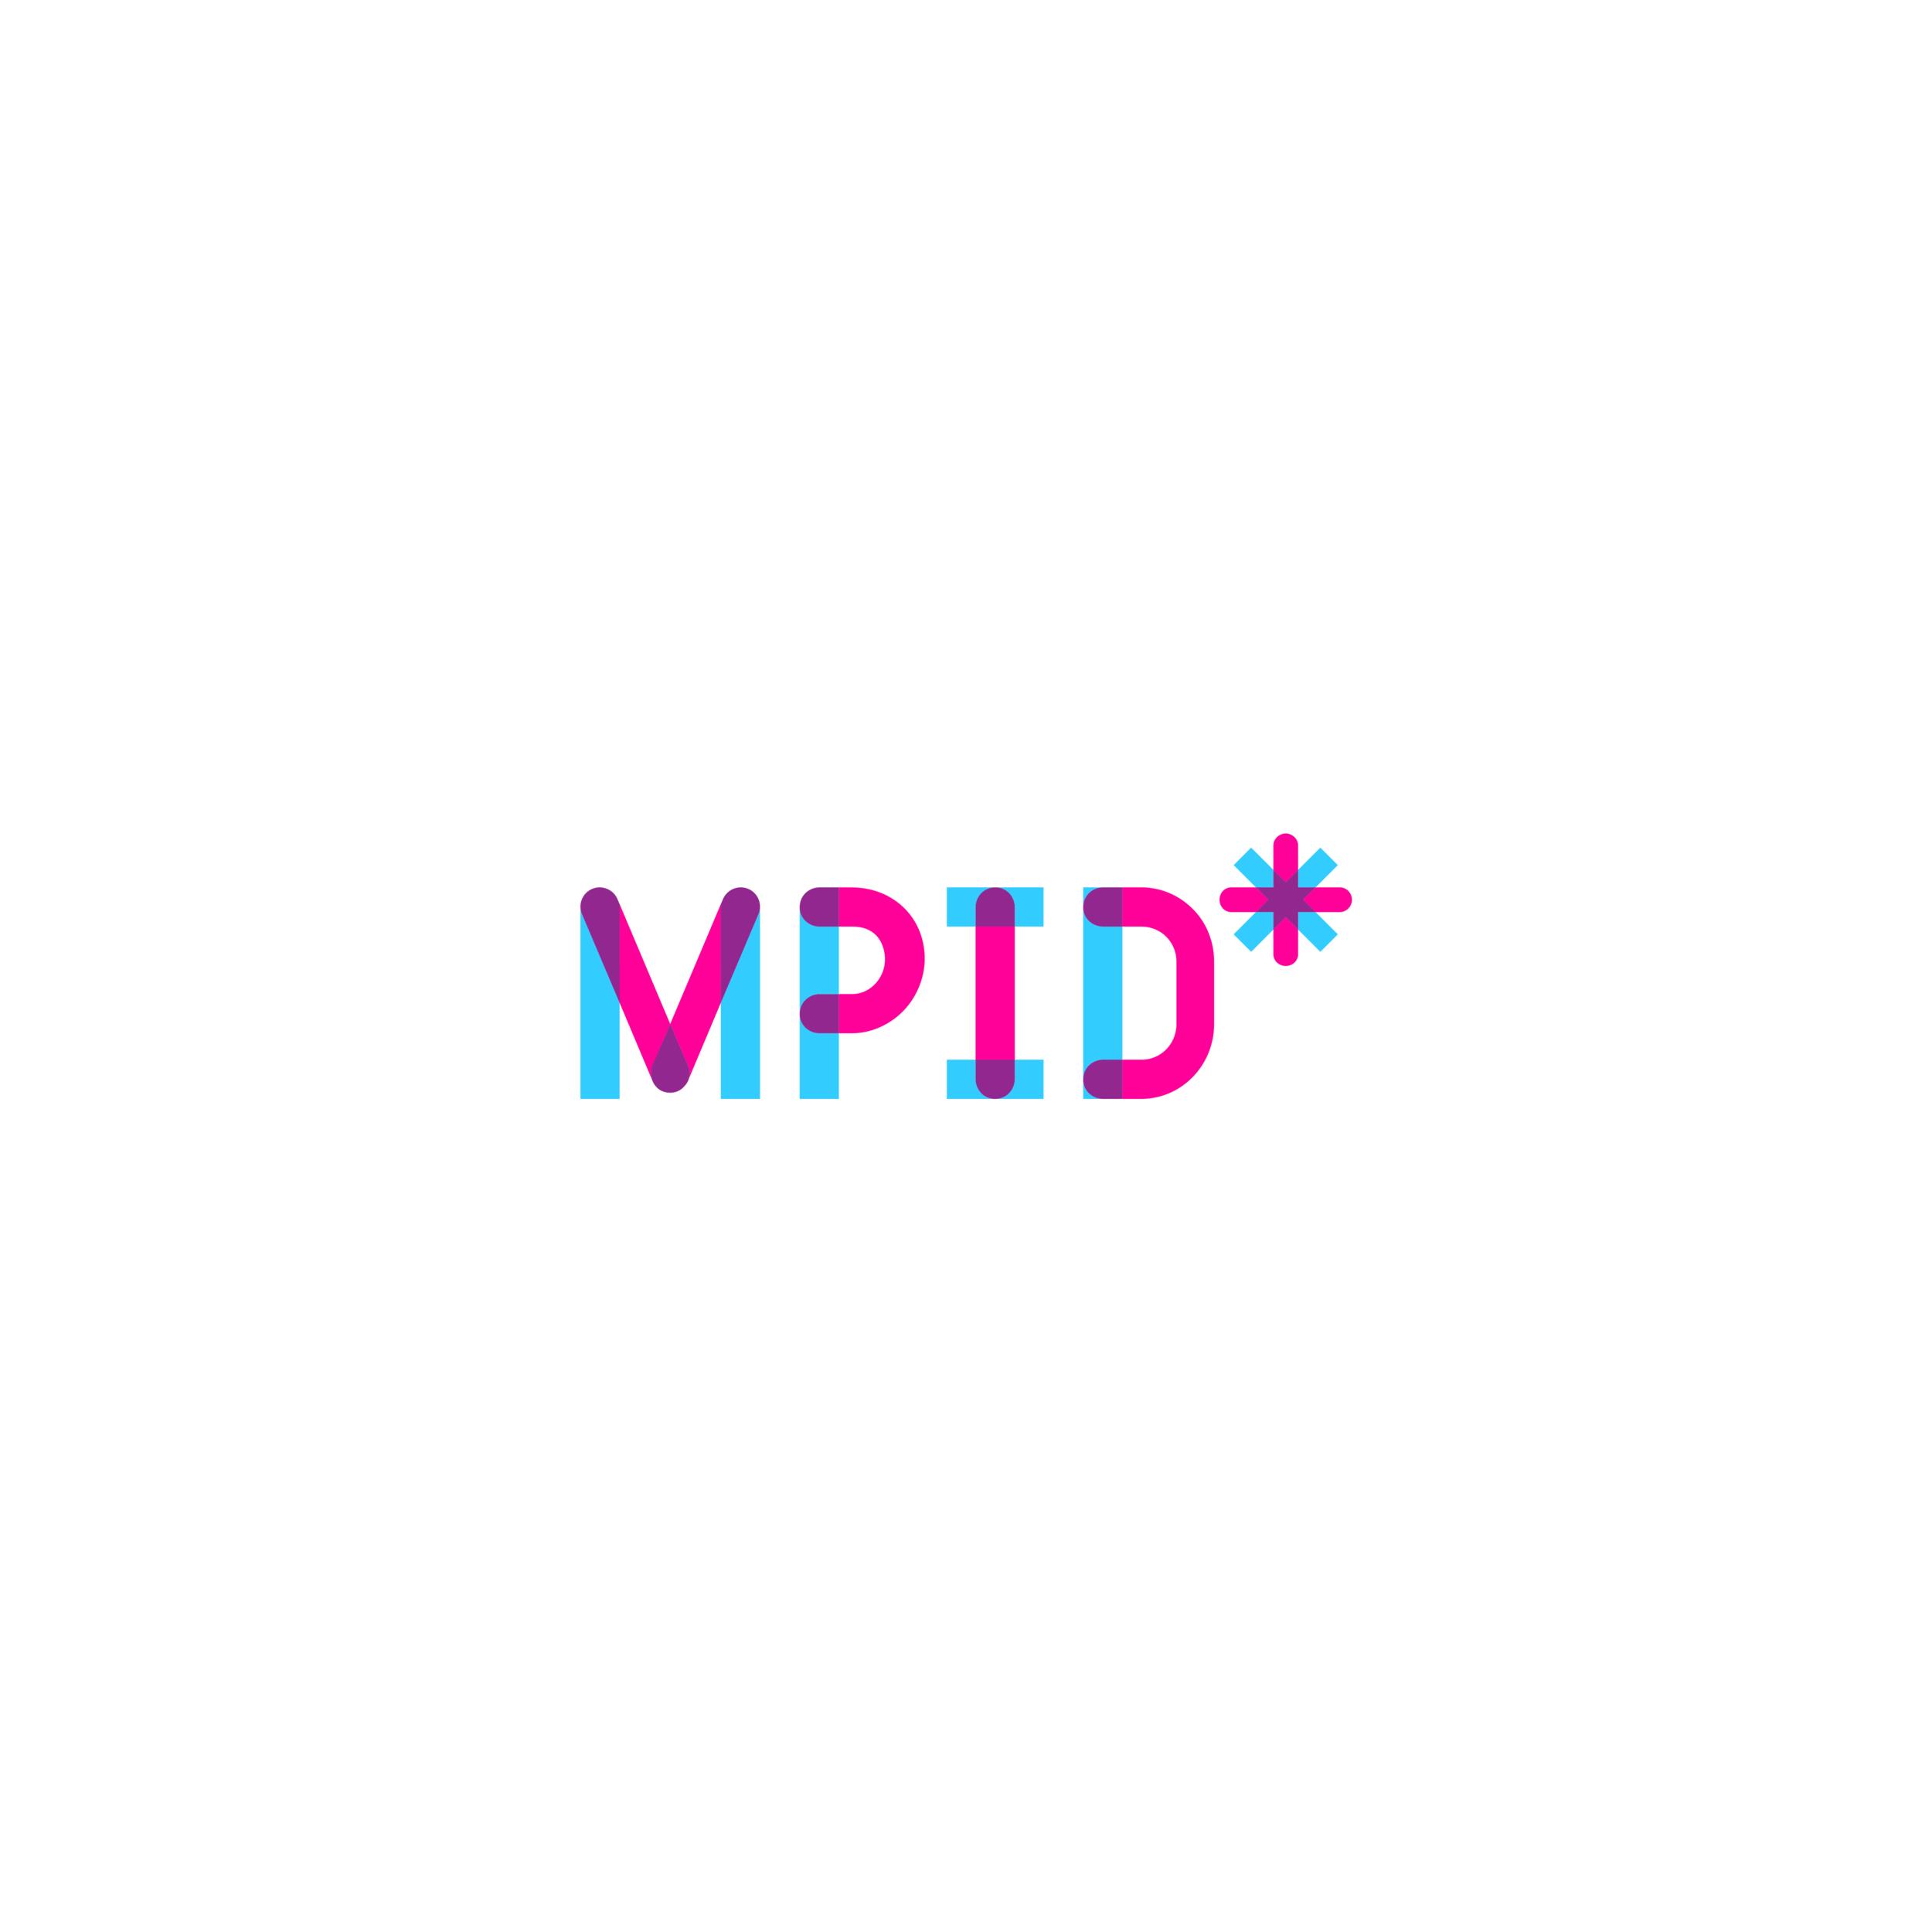 MPID.png